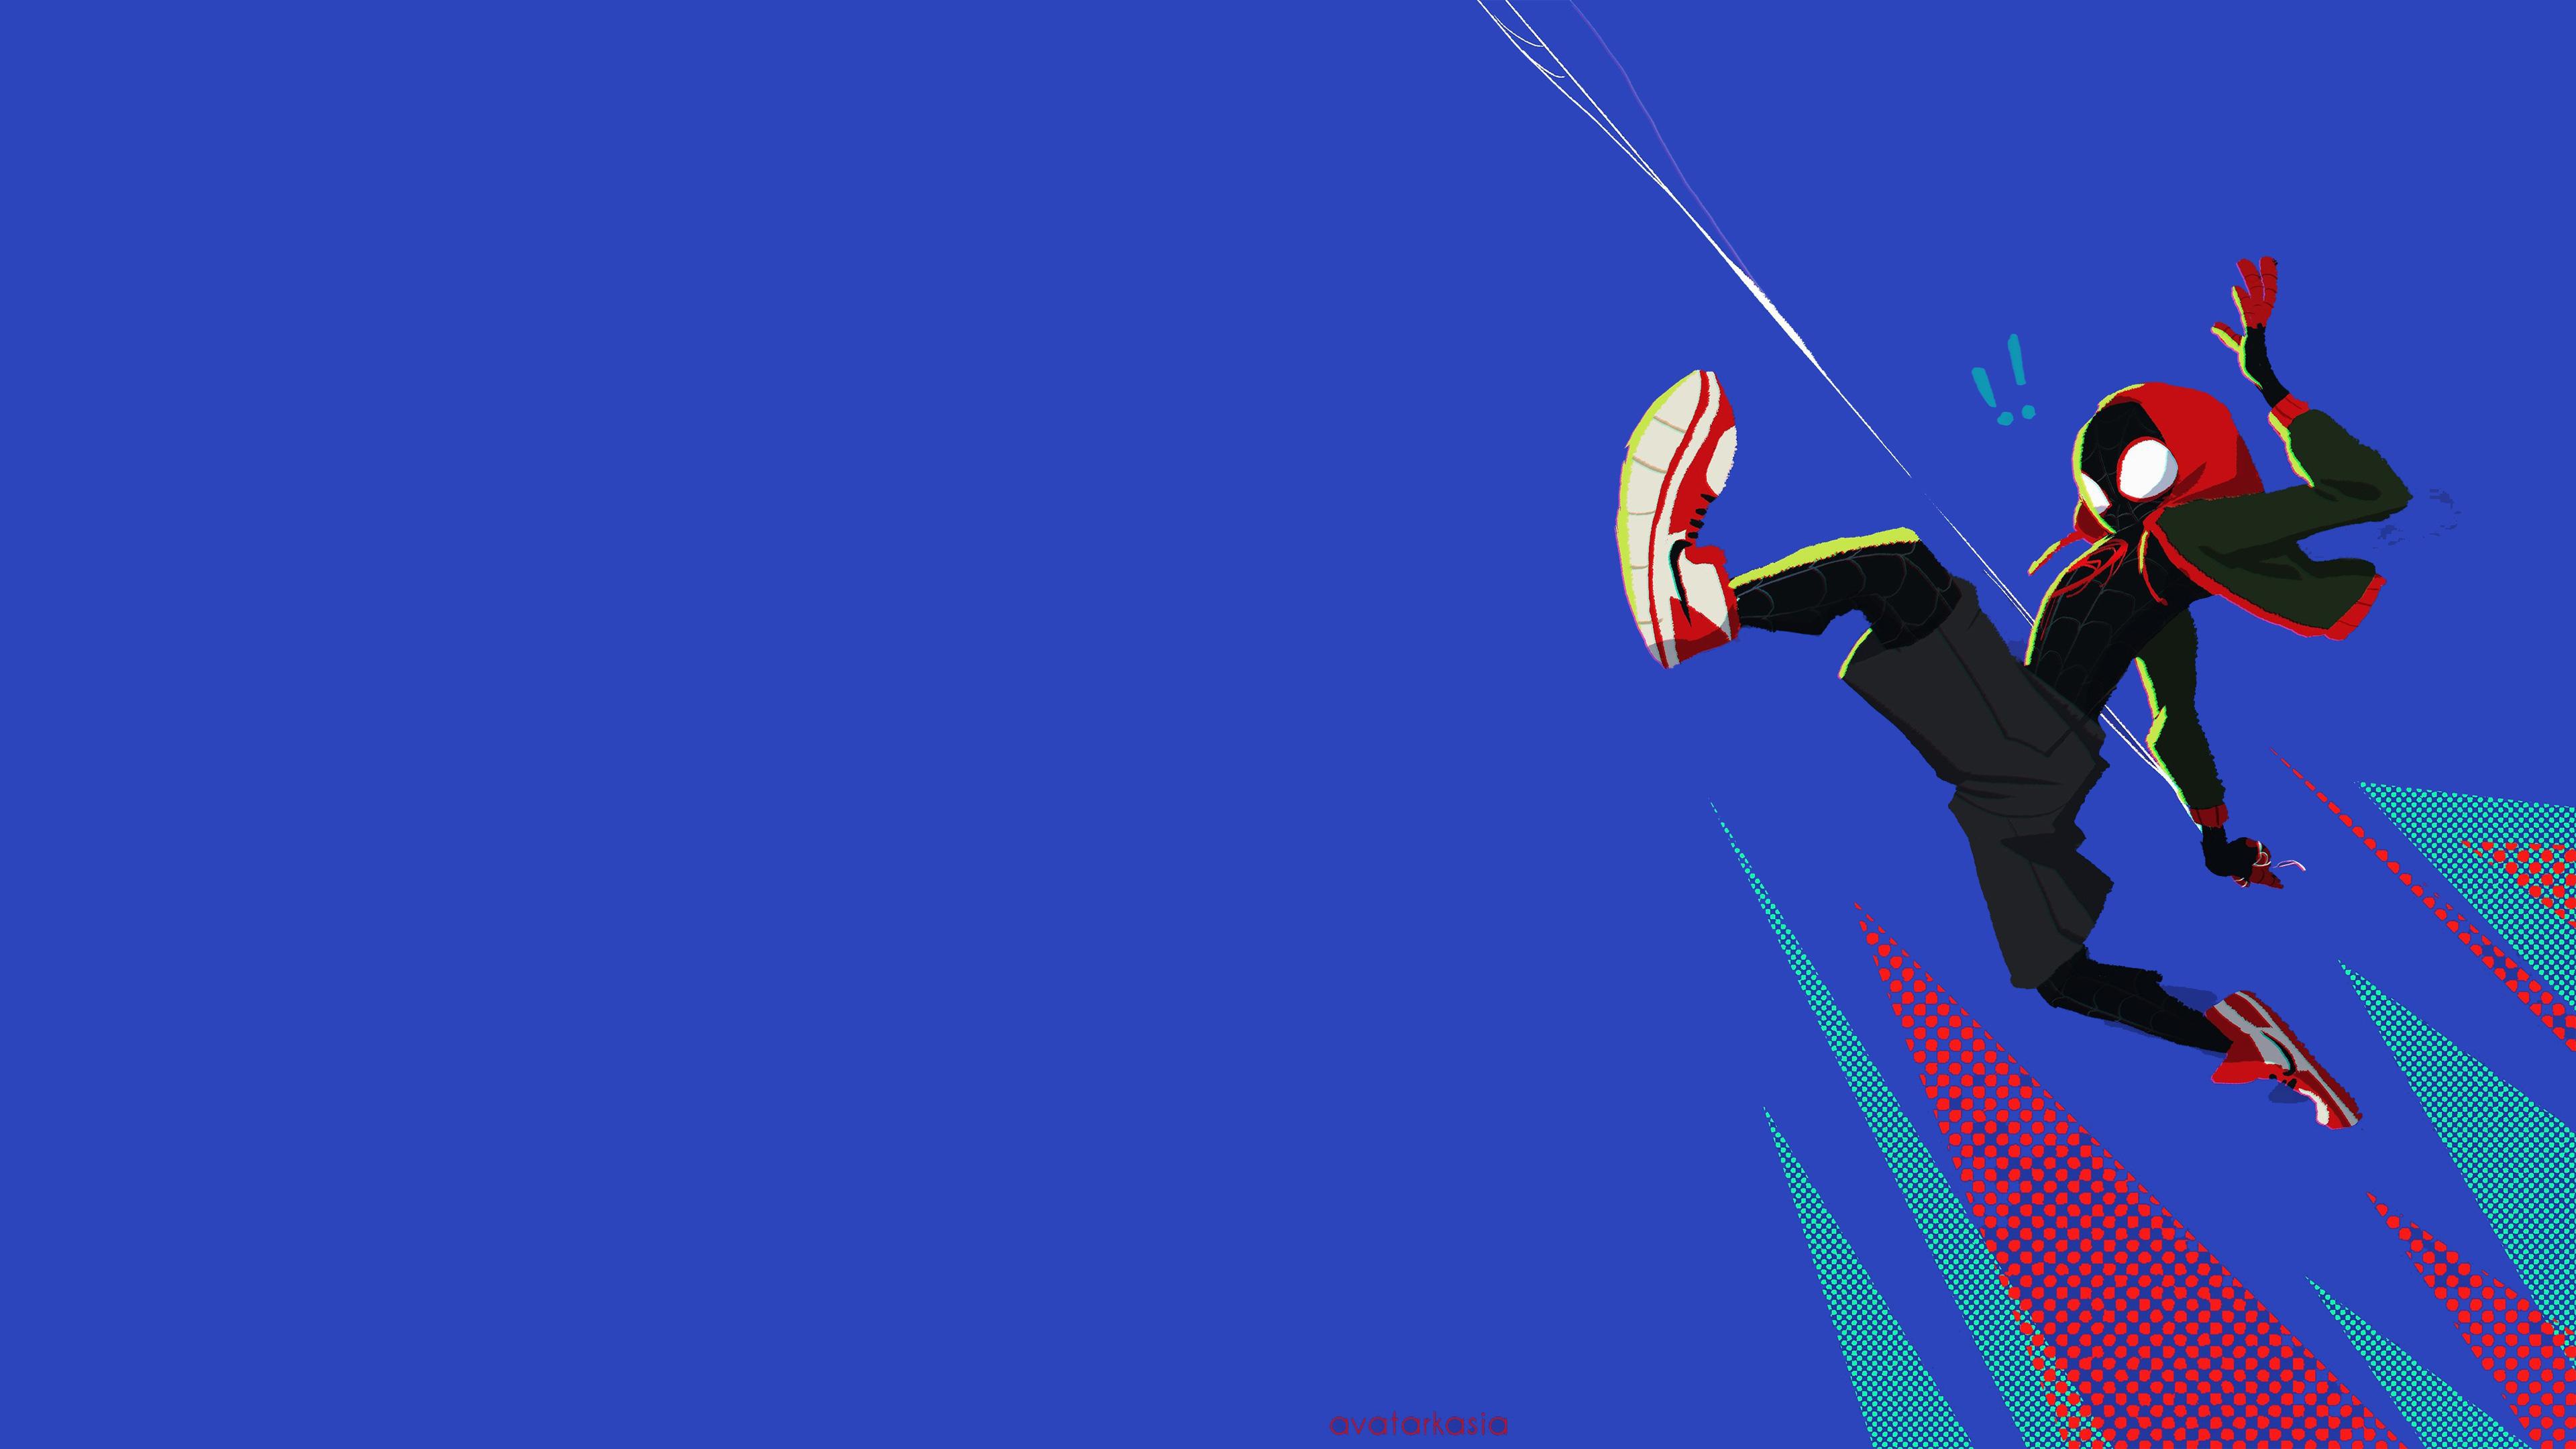 SpiderMan Into The Spider Verse Movie 4k 2018 Art, HD